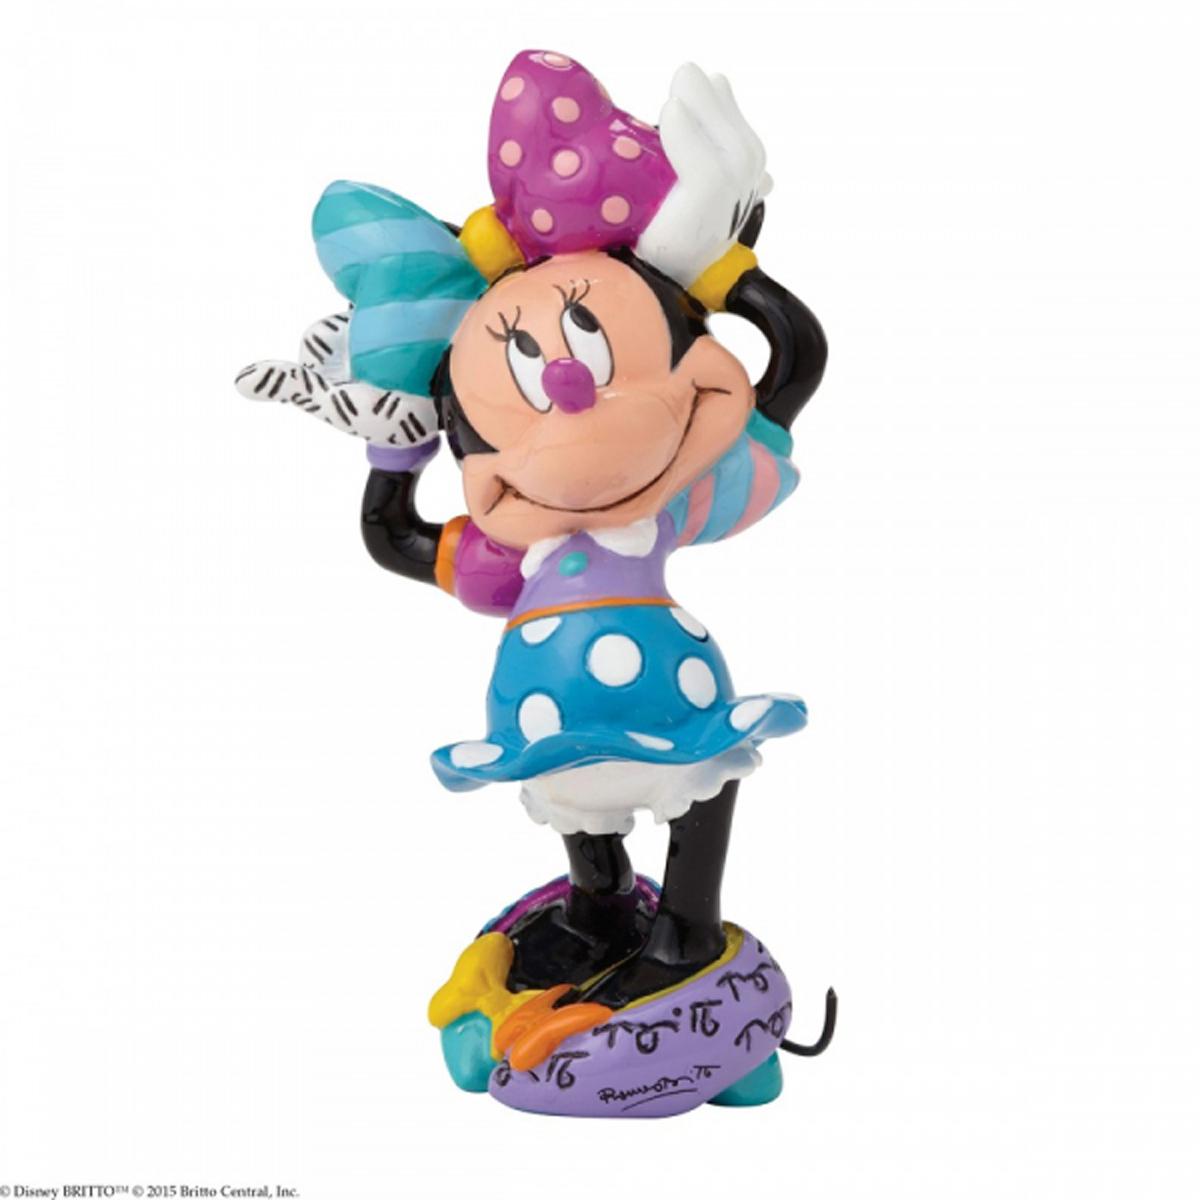 Figurine créateur \'Minnie\' multicolore (Britto) - 80x50x40 mm - [R2966]